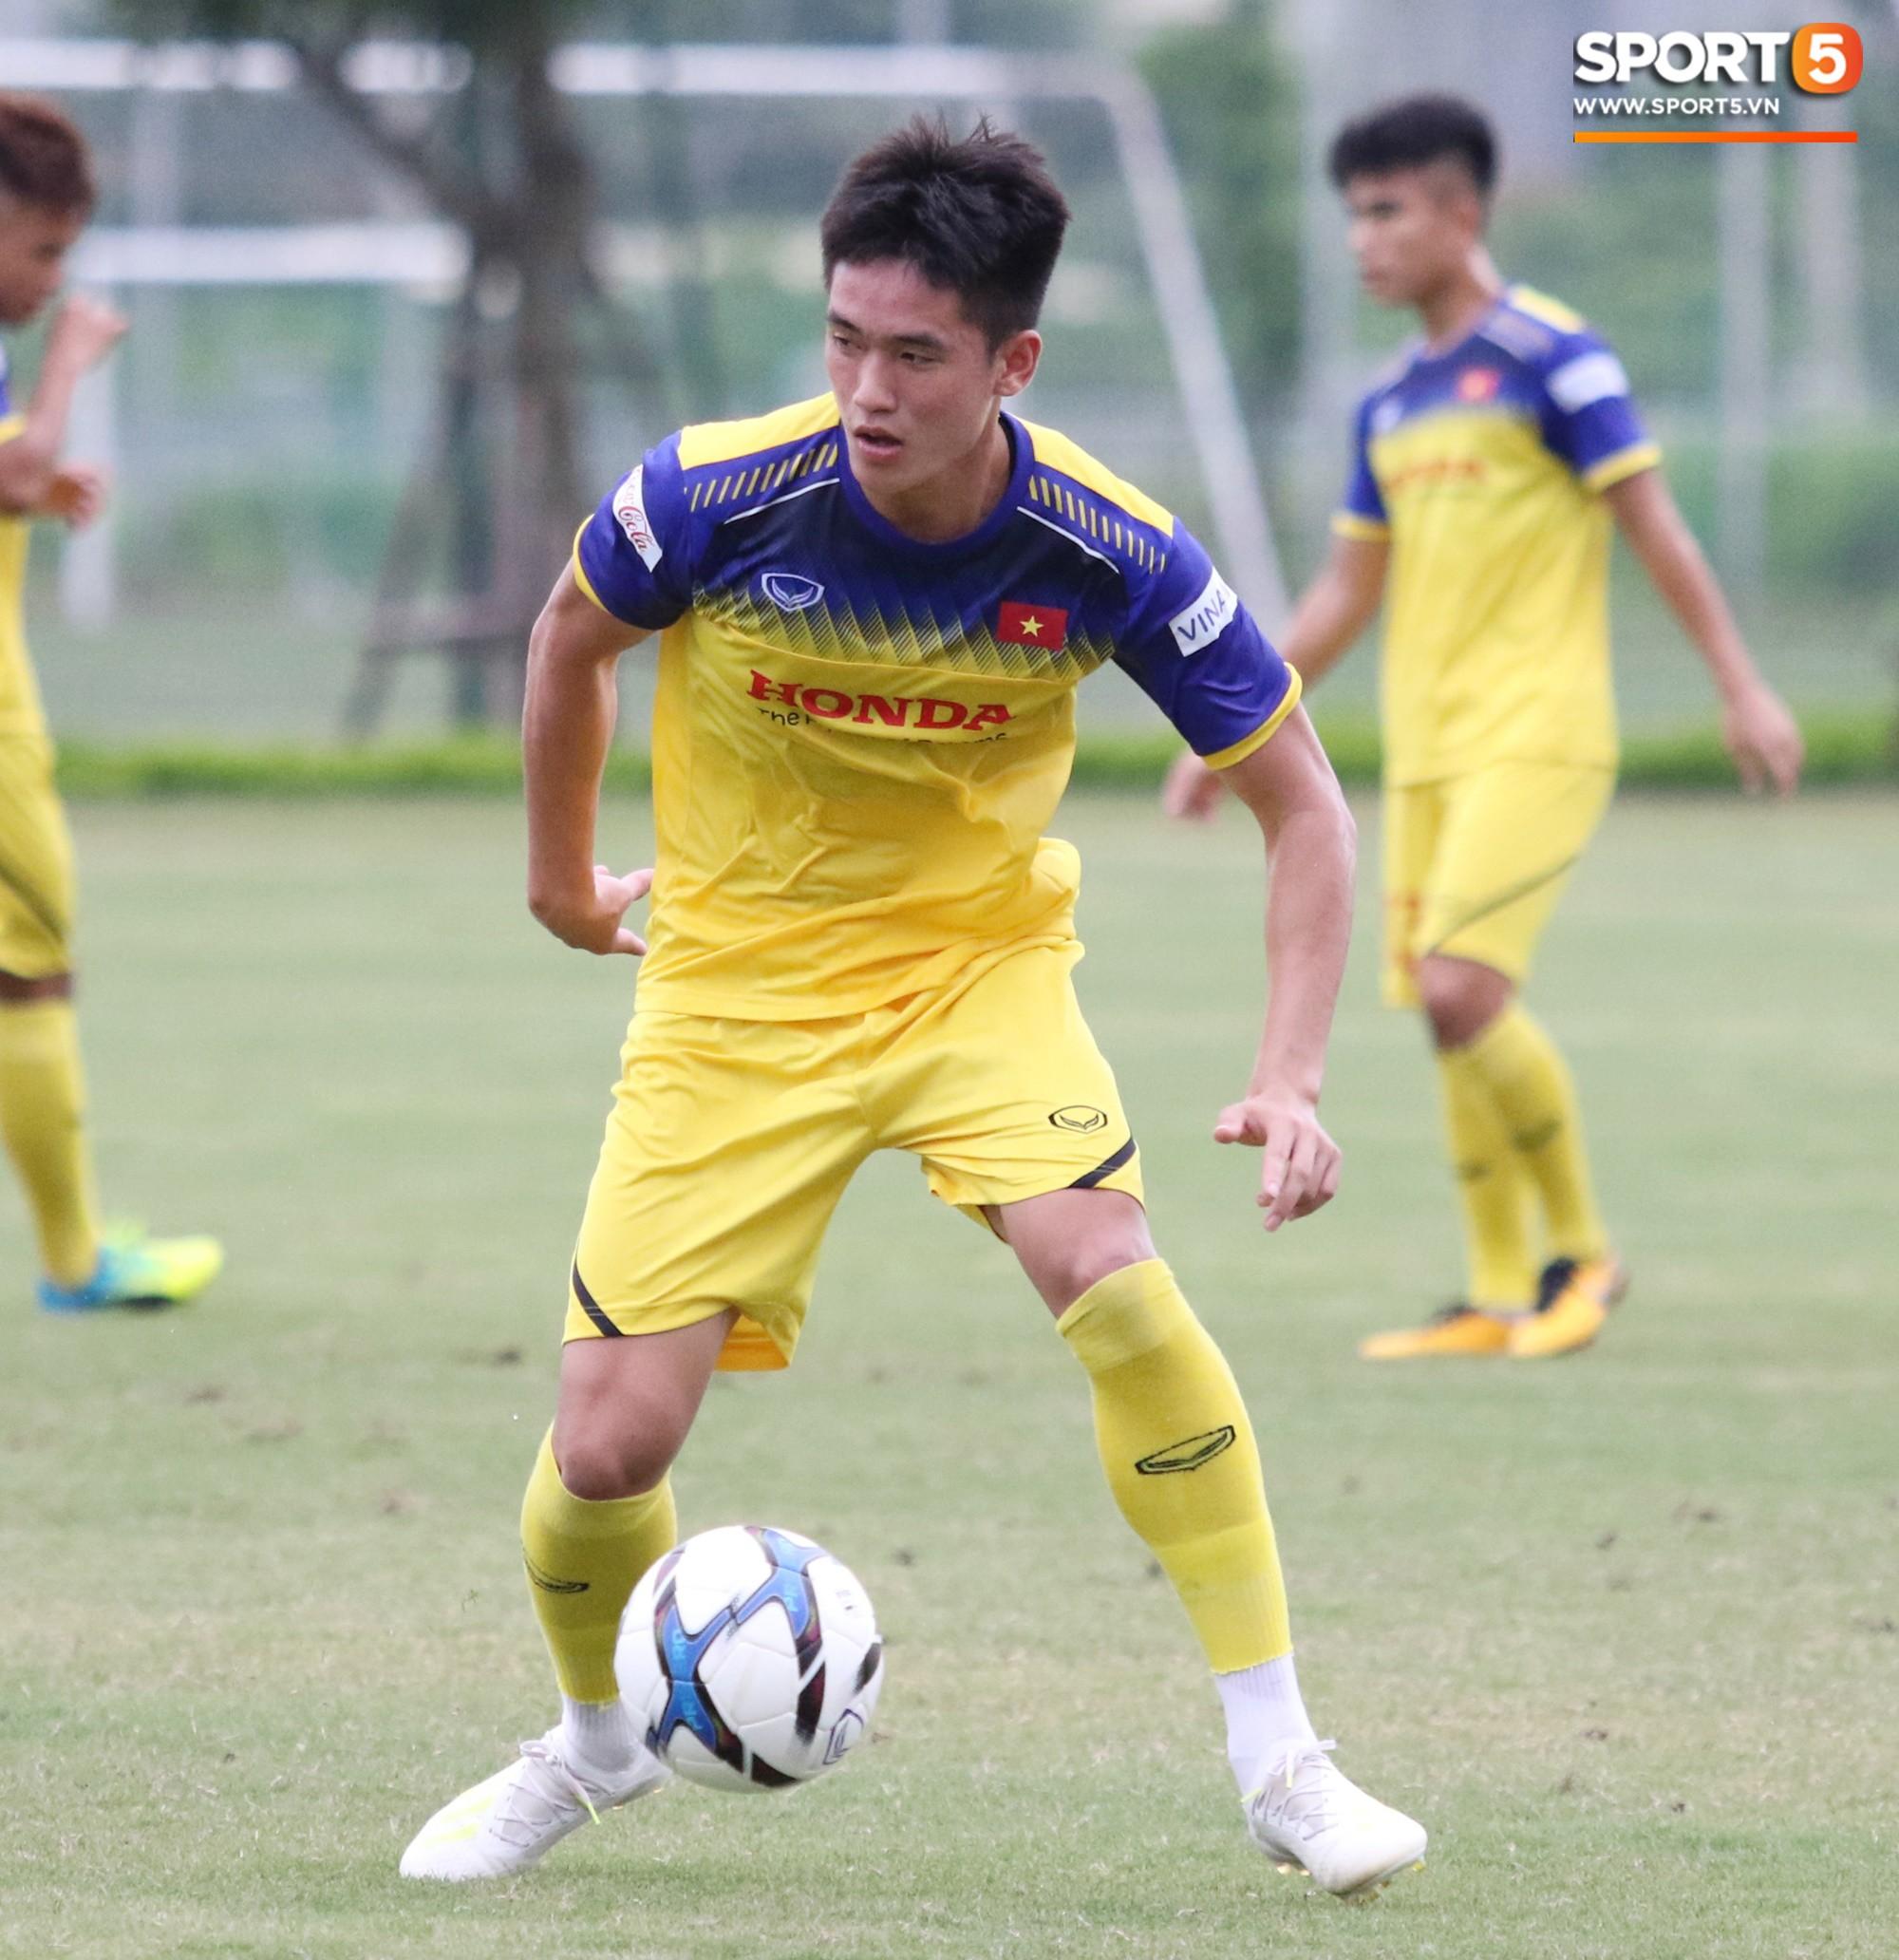 HLV Park Hang-seo đè đầu cưỡi cổ học trò trong buổi tập trước trận giao hữu với Viettel - Ảnh 4.